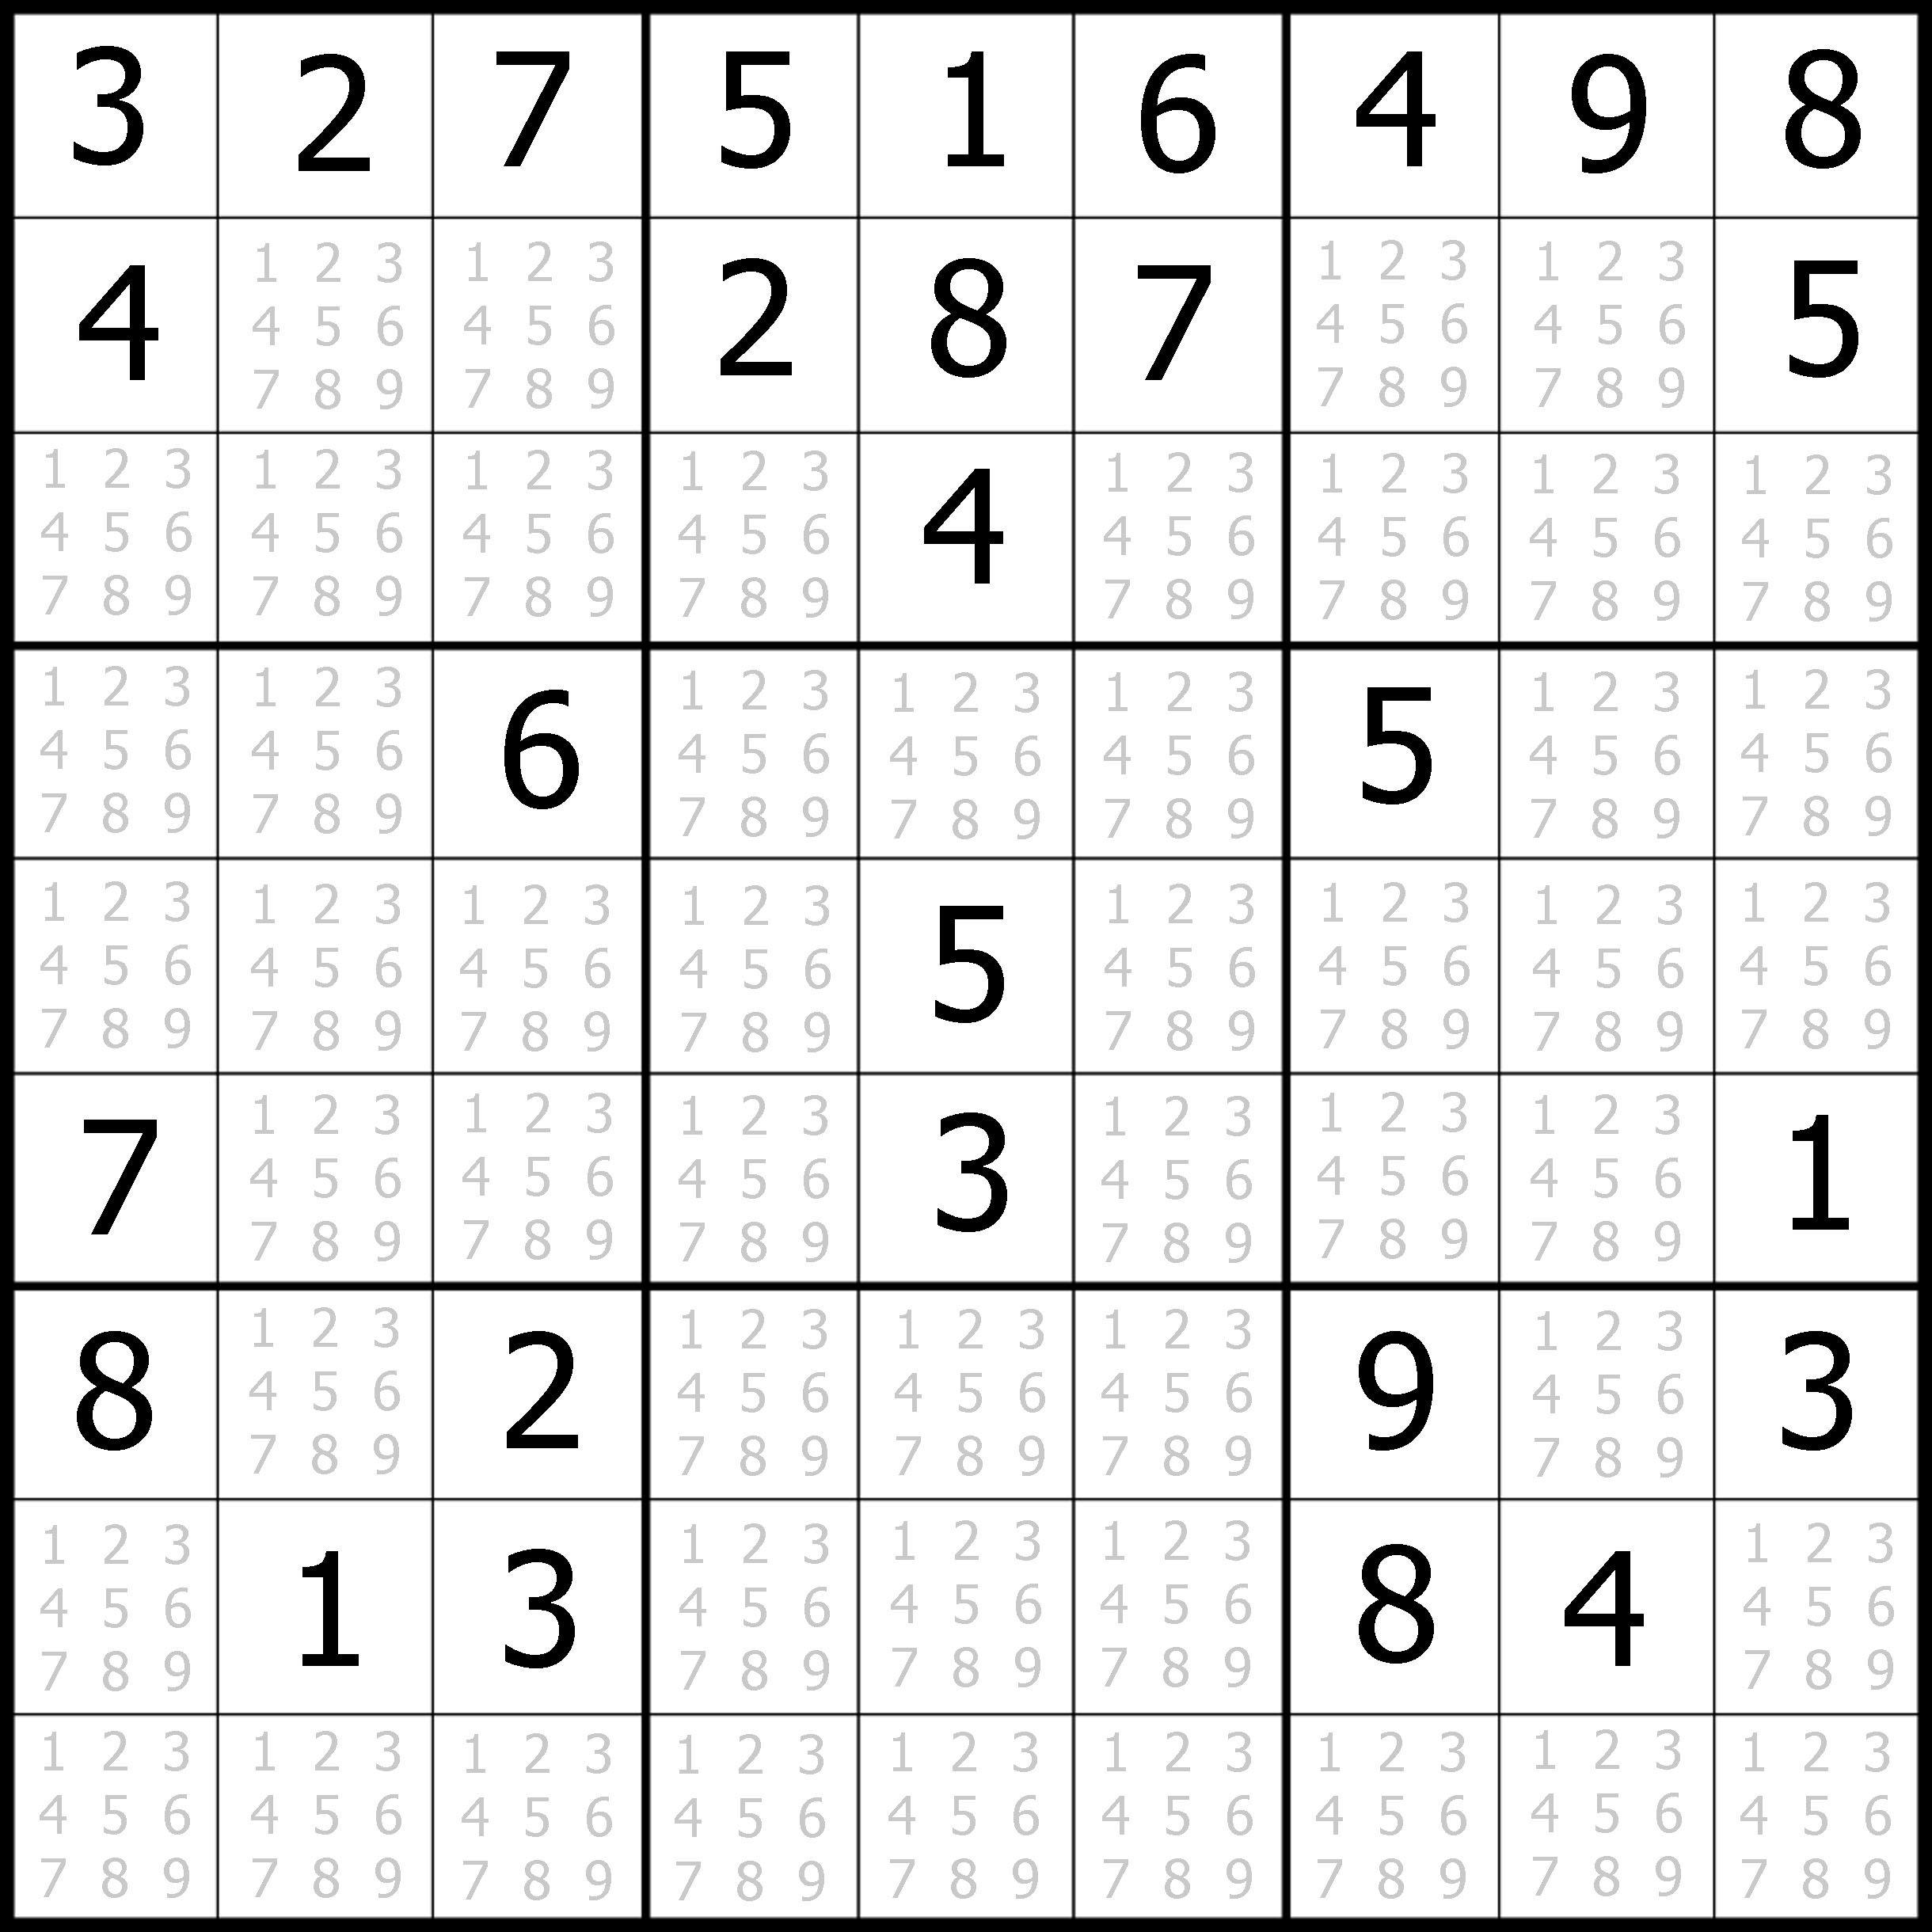 Sudoku Printable | Free, Medium, Printable Sudoku Puzzle #1 | My - Free Printable Sudoku With Answers